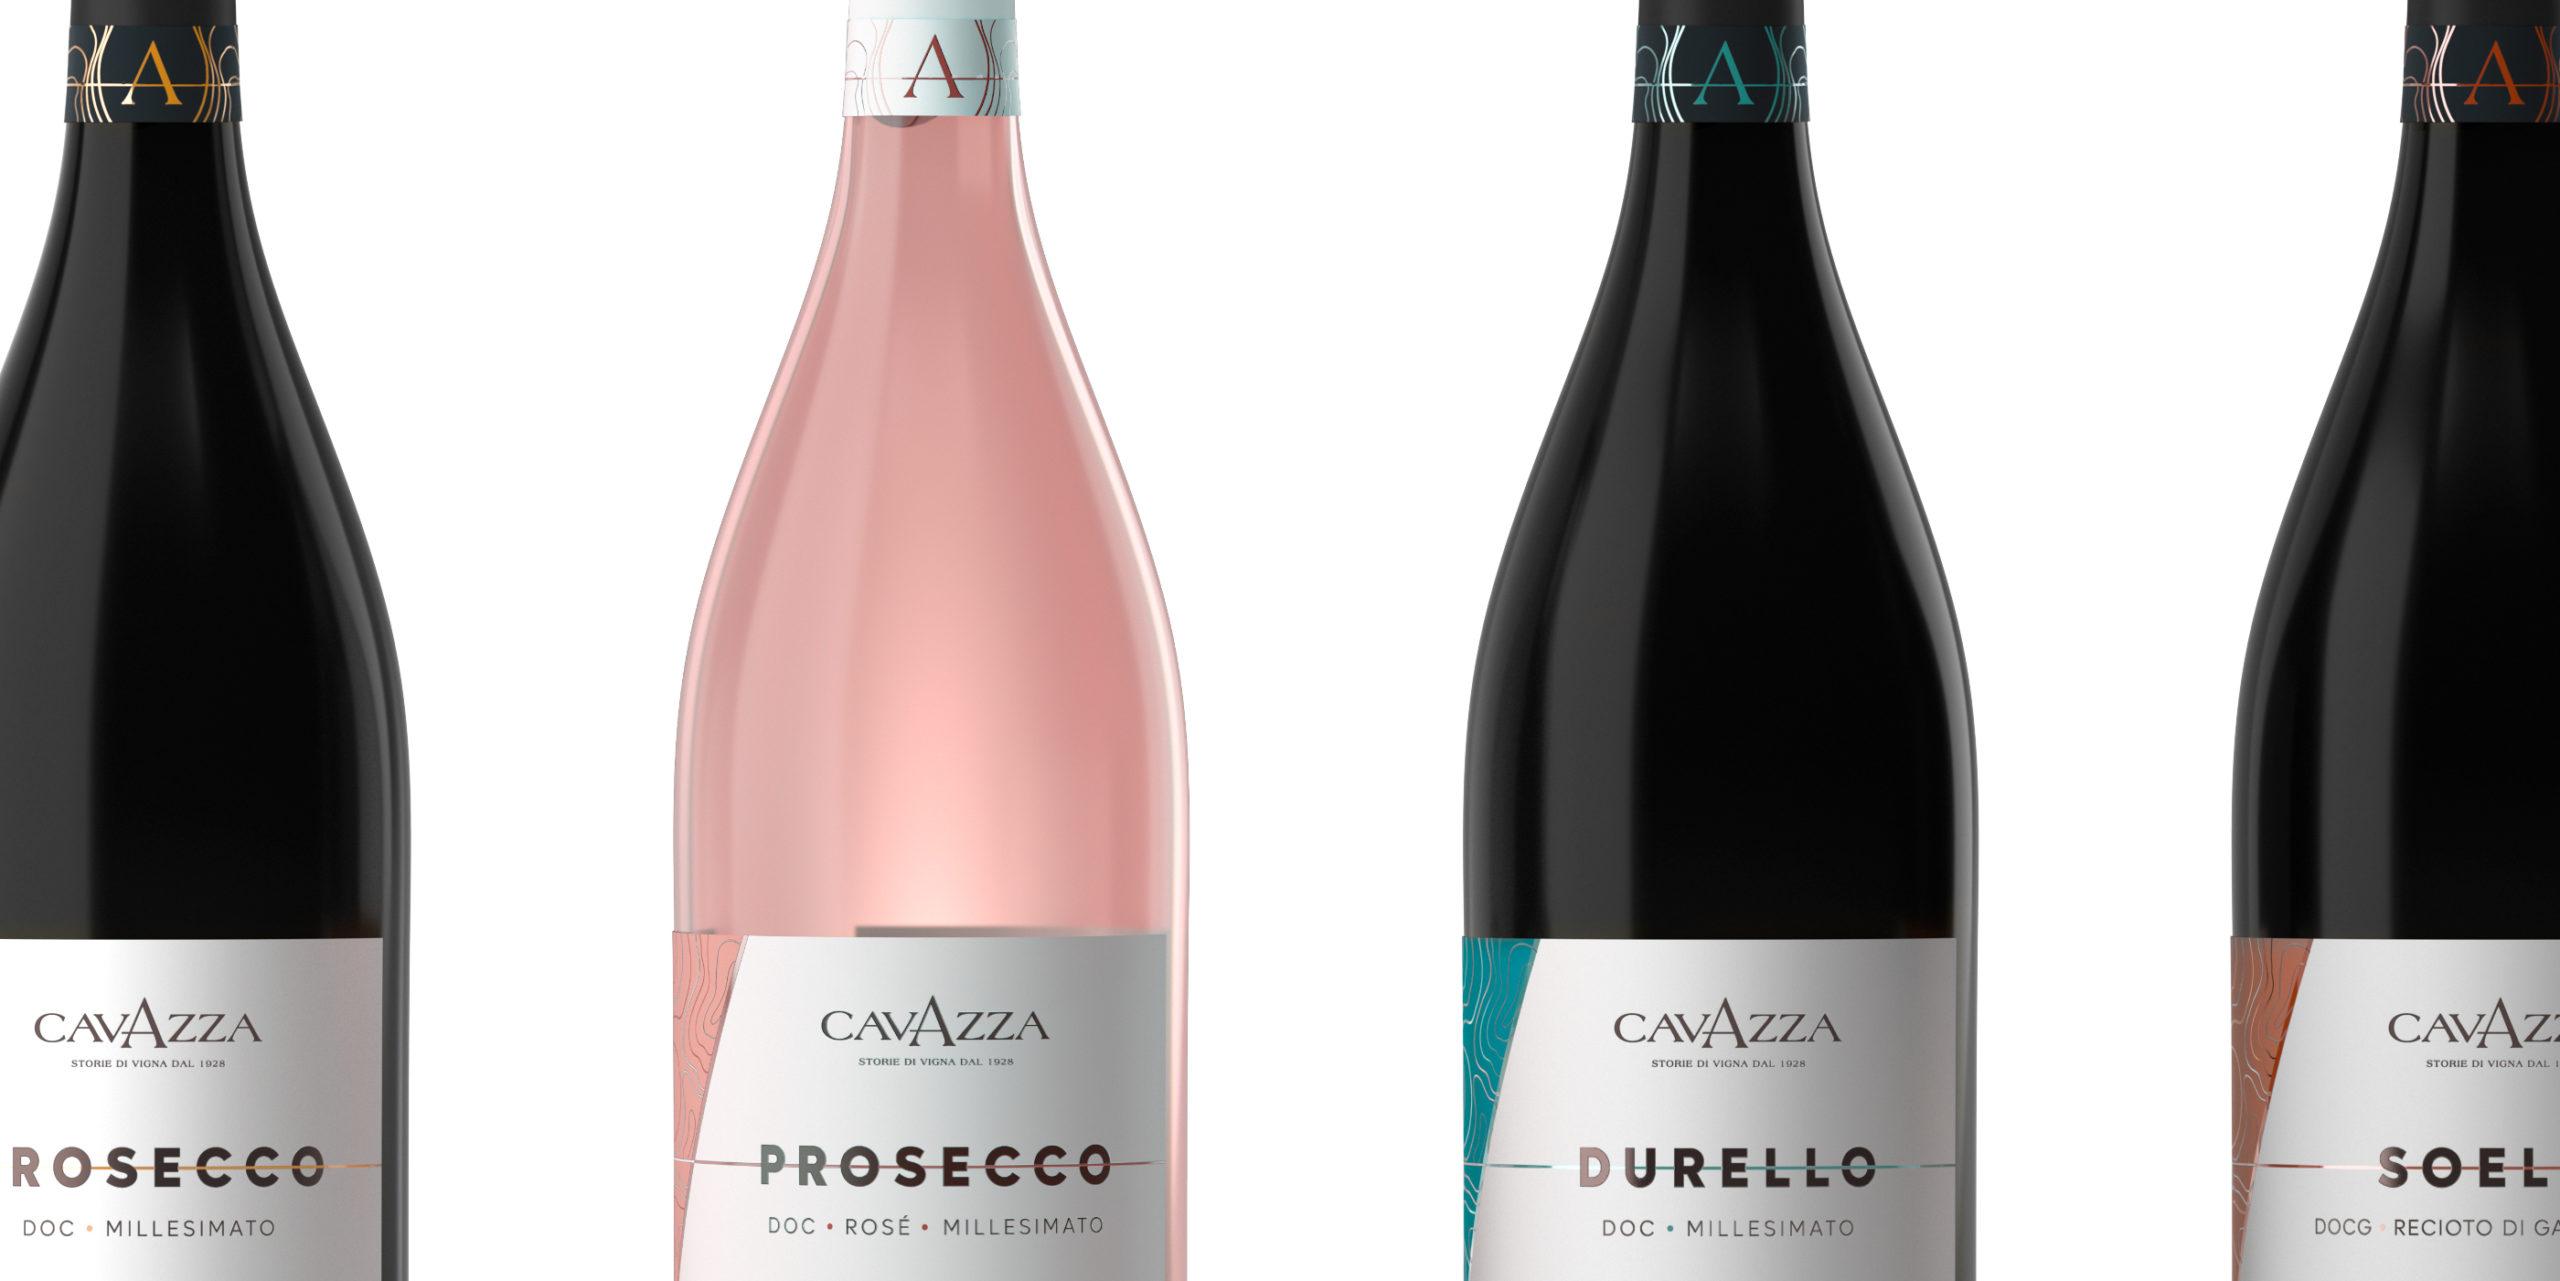 Etichette spumanti Cavazza Closeup